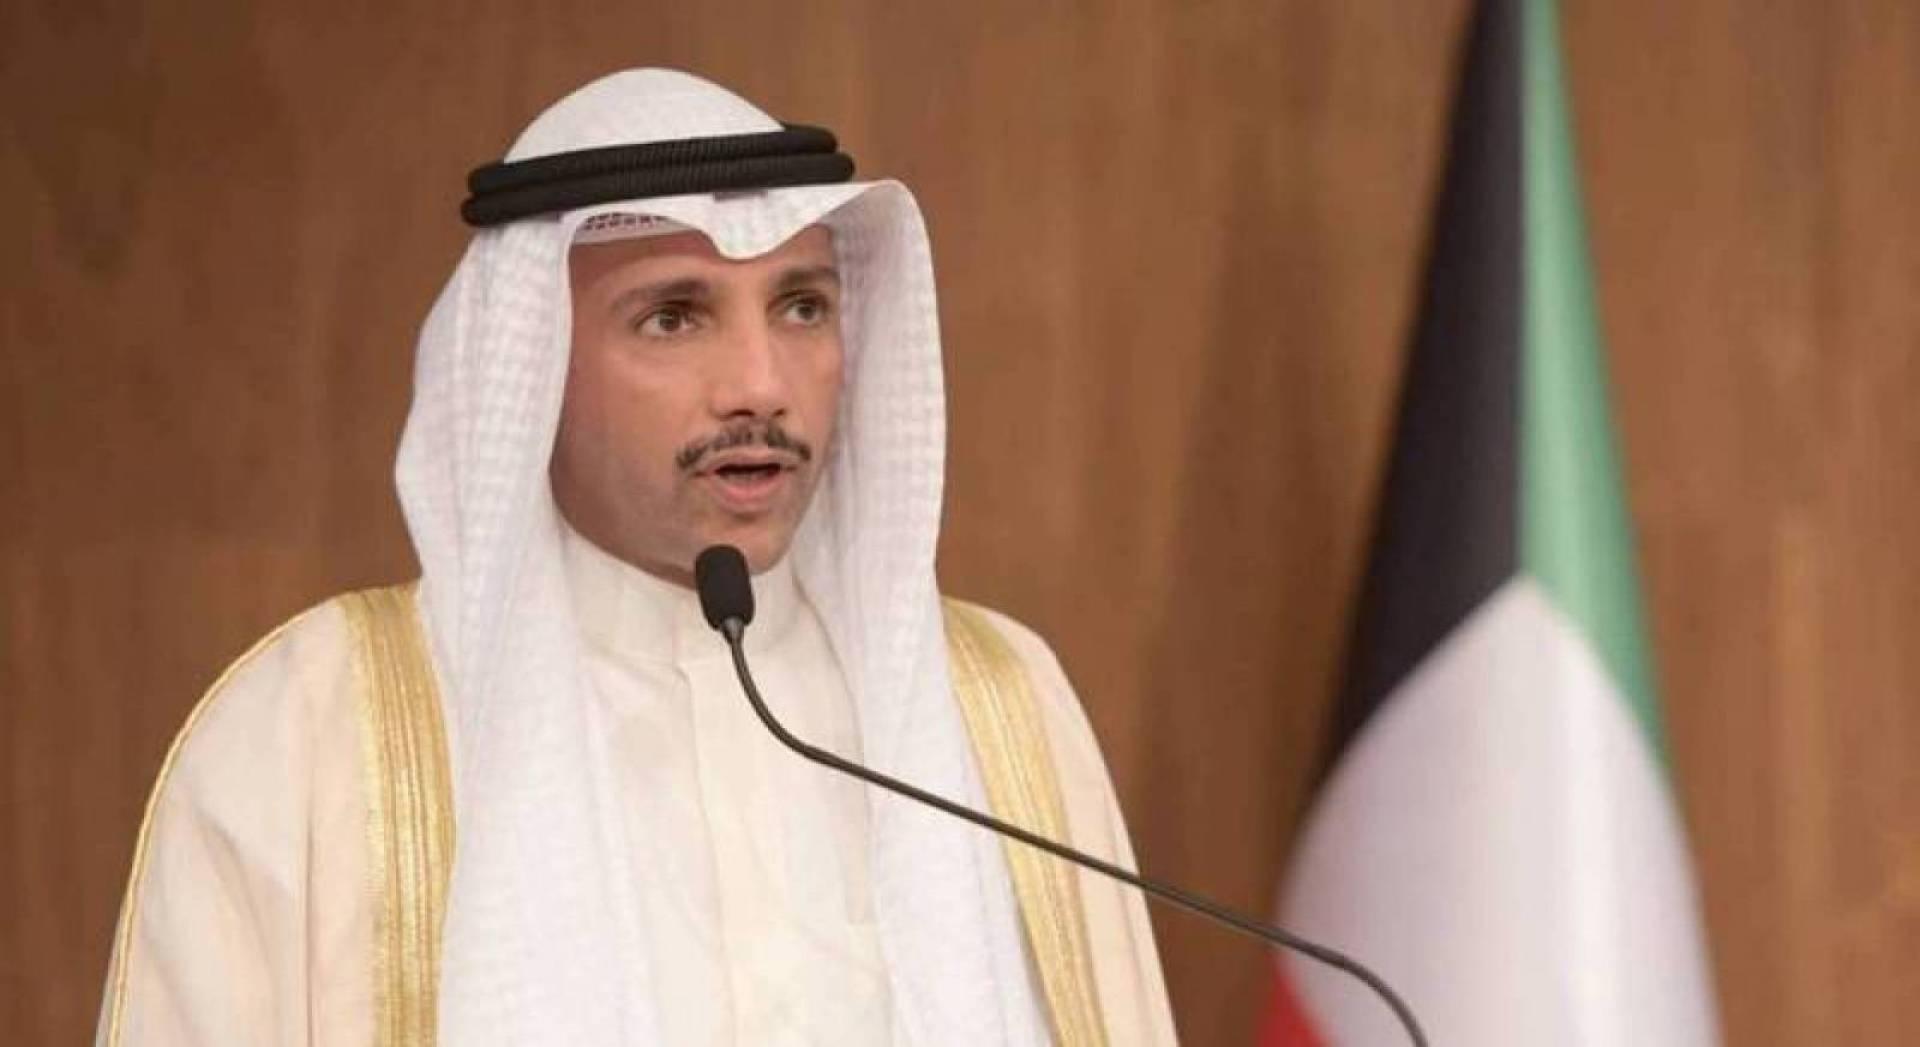 الرئيس الغانم: أشعر بالاعتزاز بالتكريم عالي المستوى لـ سمو الأمير من قبل الرئيس الأميركي